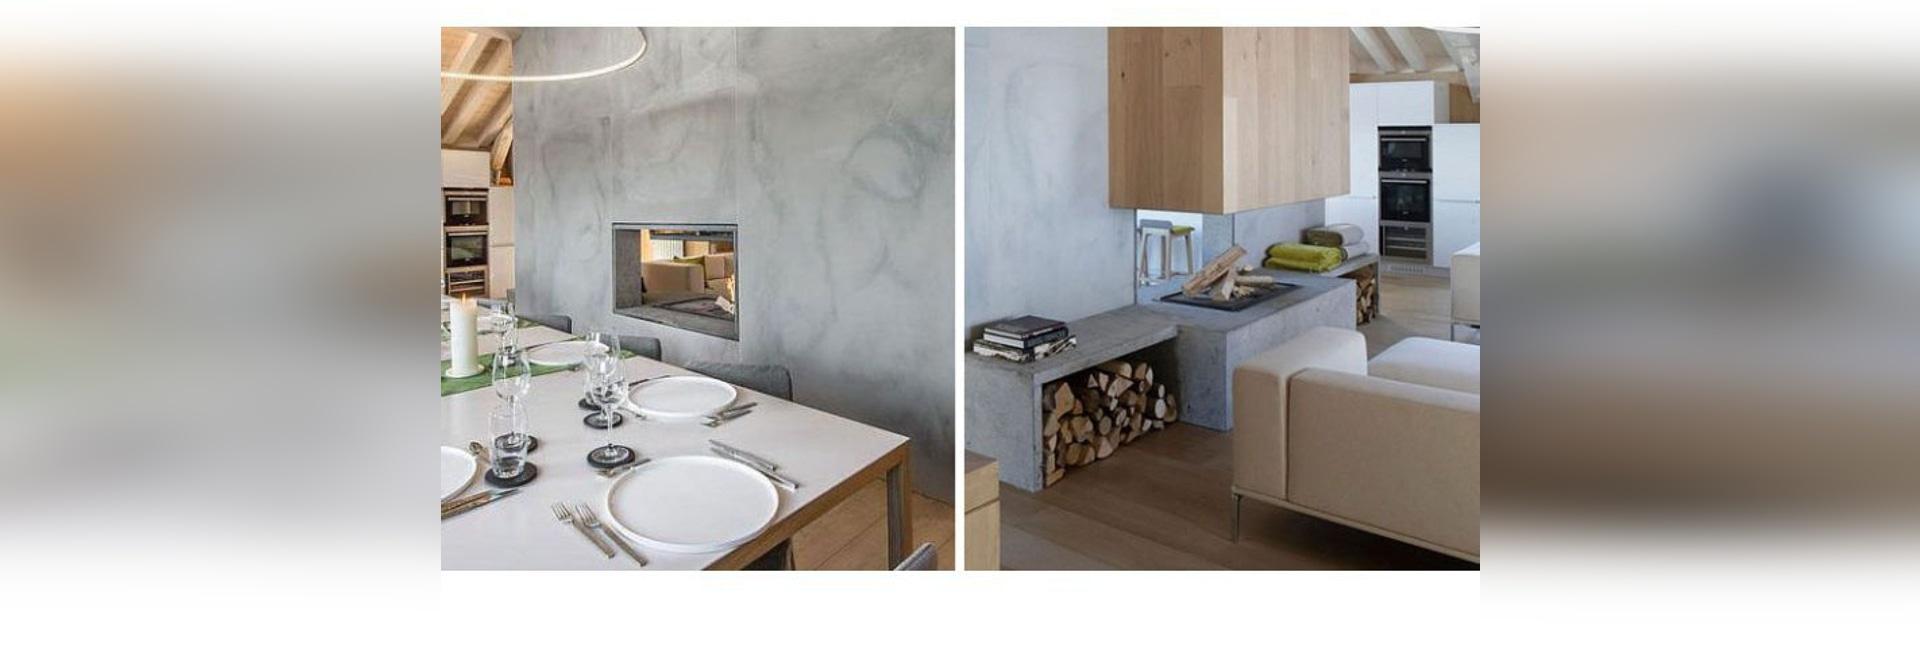 Amüsant Kamin Ideen Beste Wahl Kamin-ideen – Dieser Doppelseitige Trennt Das Wohnzimmer